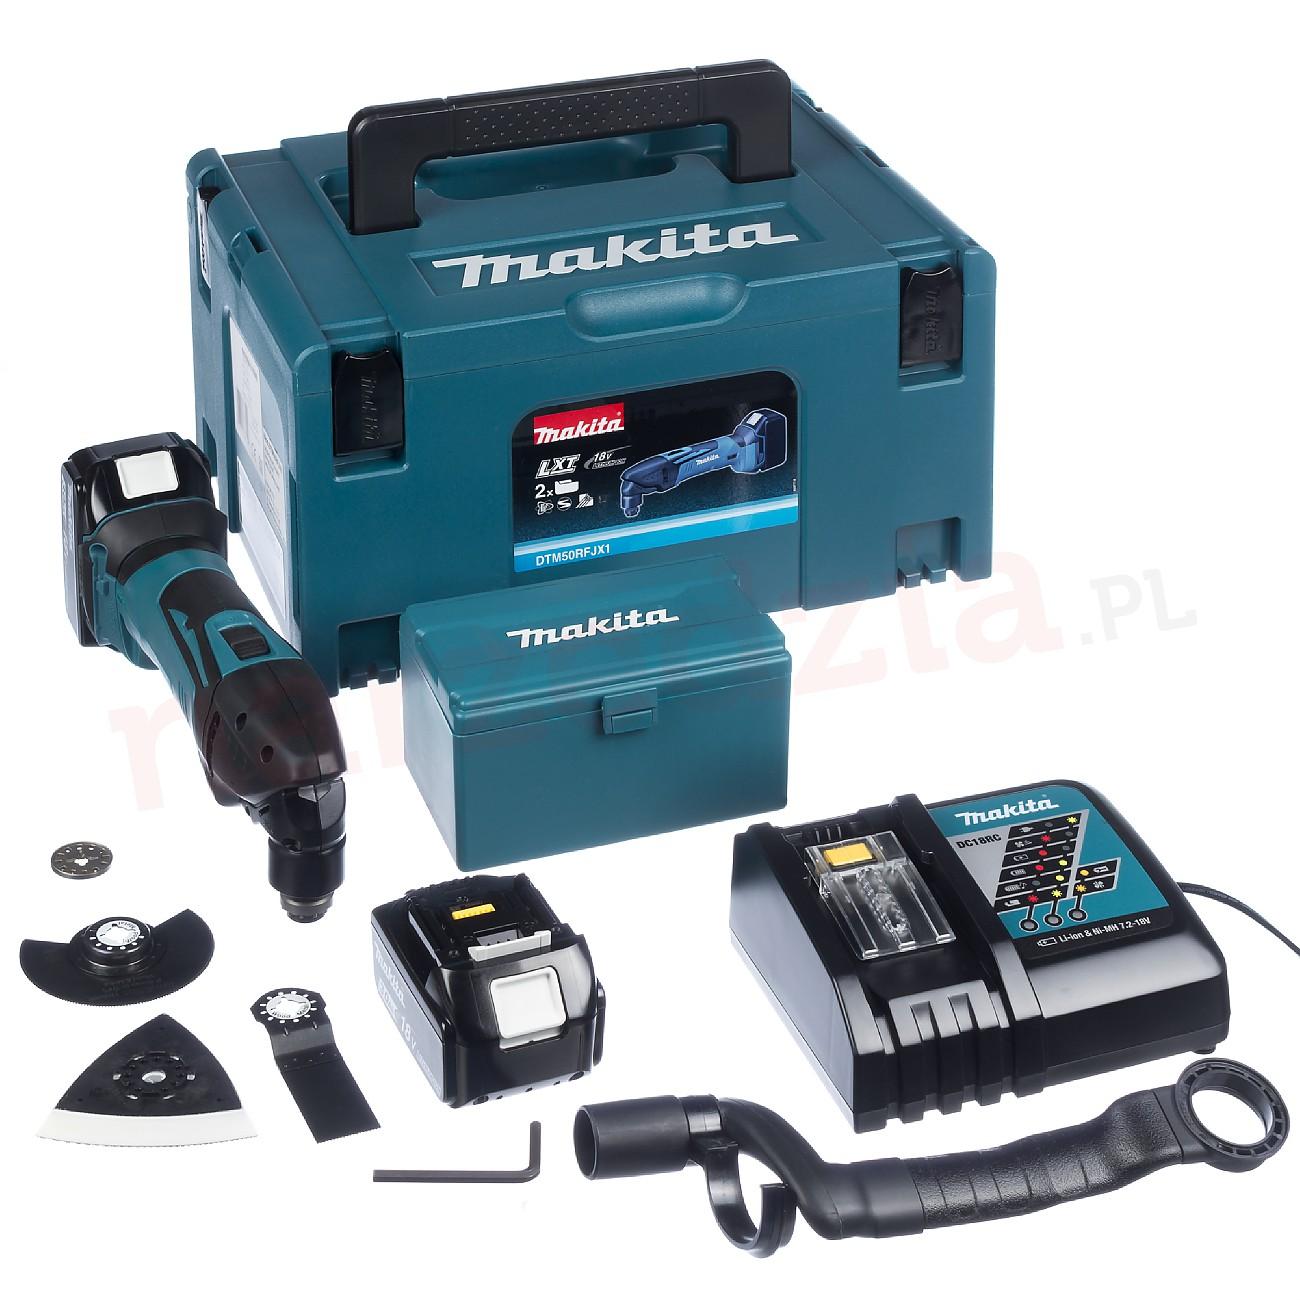 Flerfunksjonsverktøy Makita DTM50RFJX1 18 V 2x3,0 Ah batt. + tilbehør